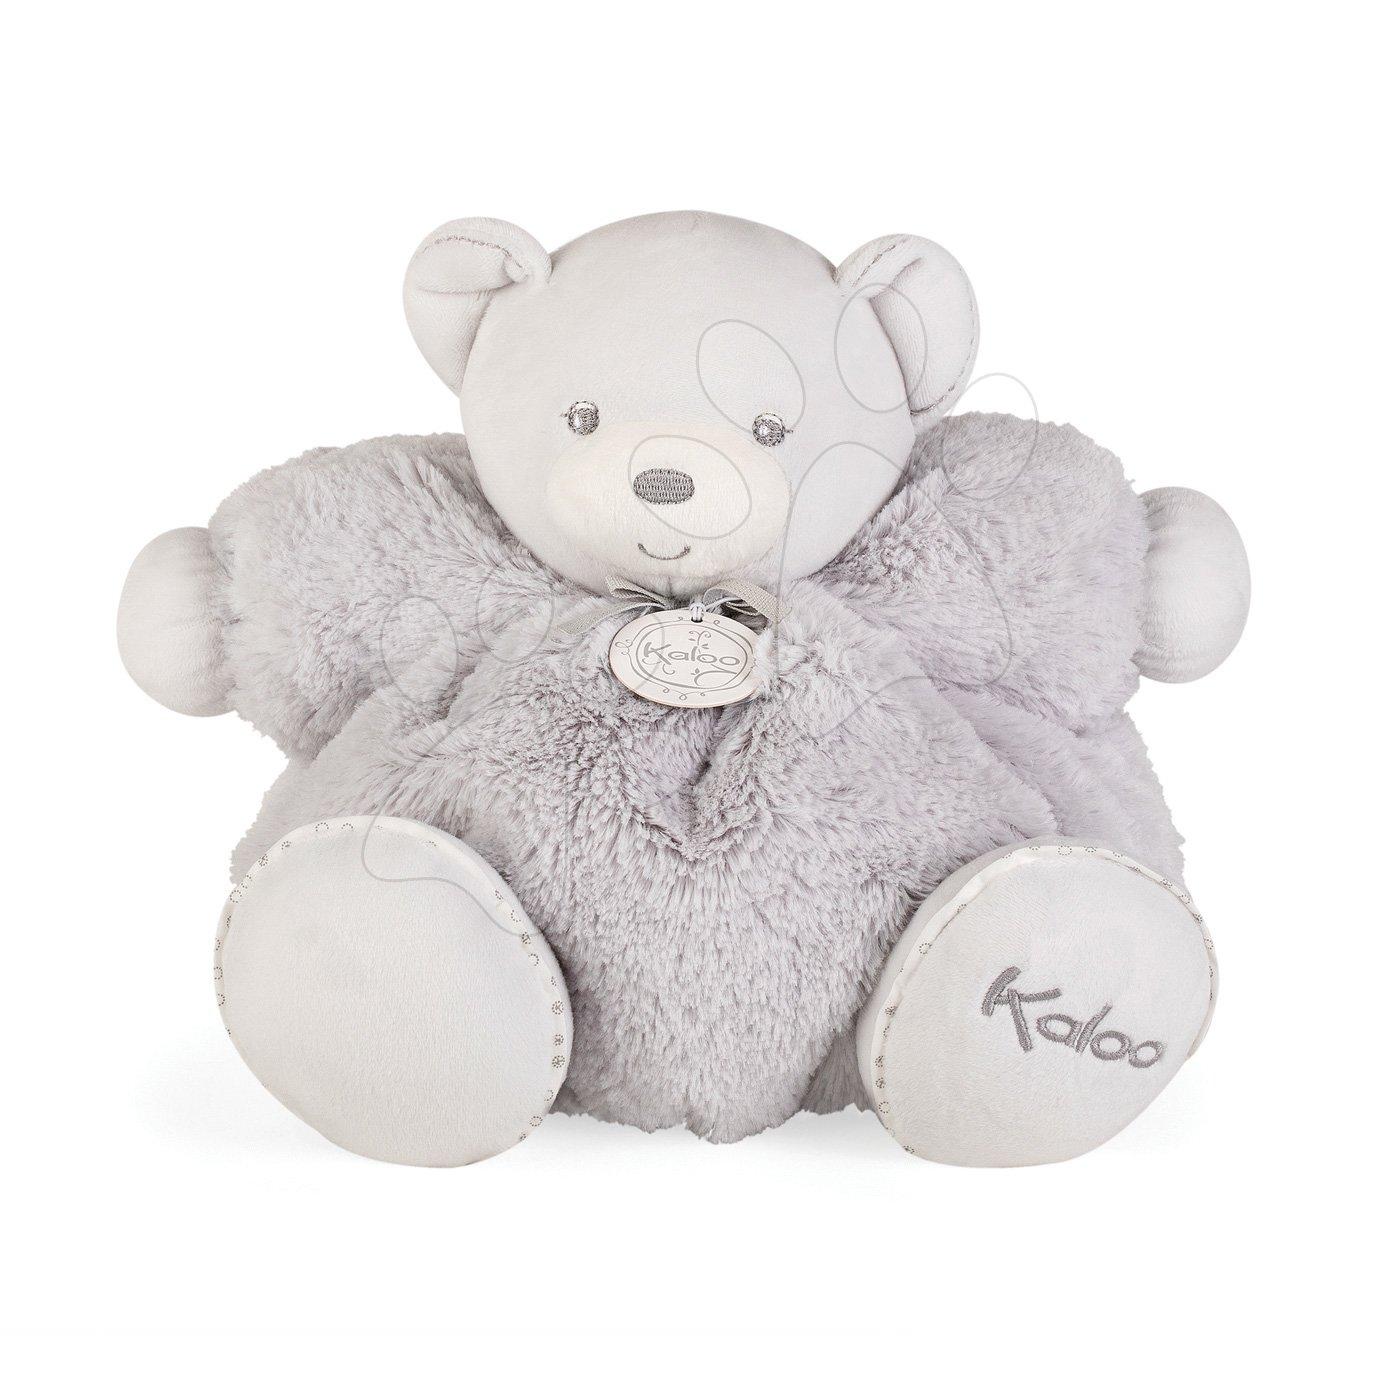 Plyšový medvedík s hrkálkou Perle Chubby Kaloo 30 cm v luxusnom prevedení v darčekovej krabičke šedý